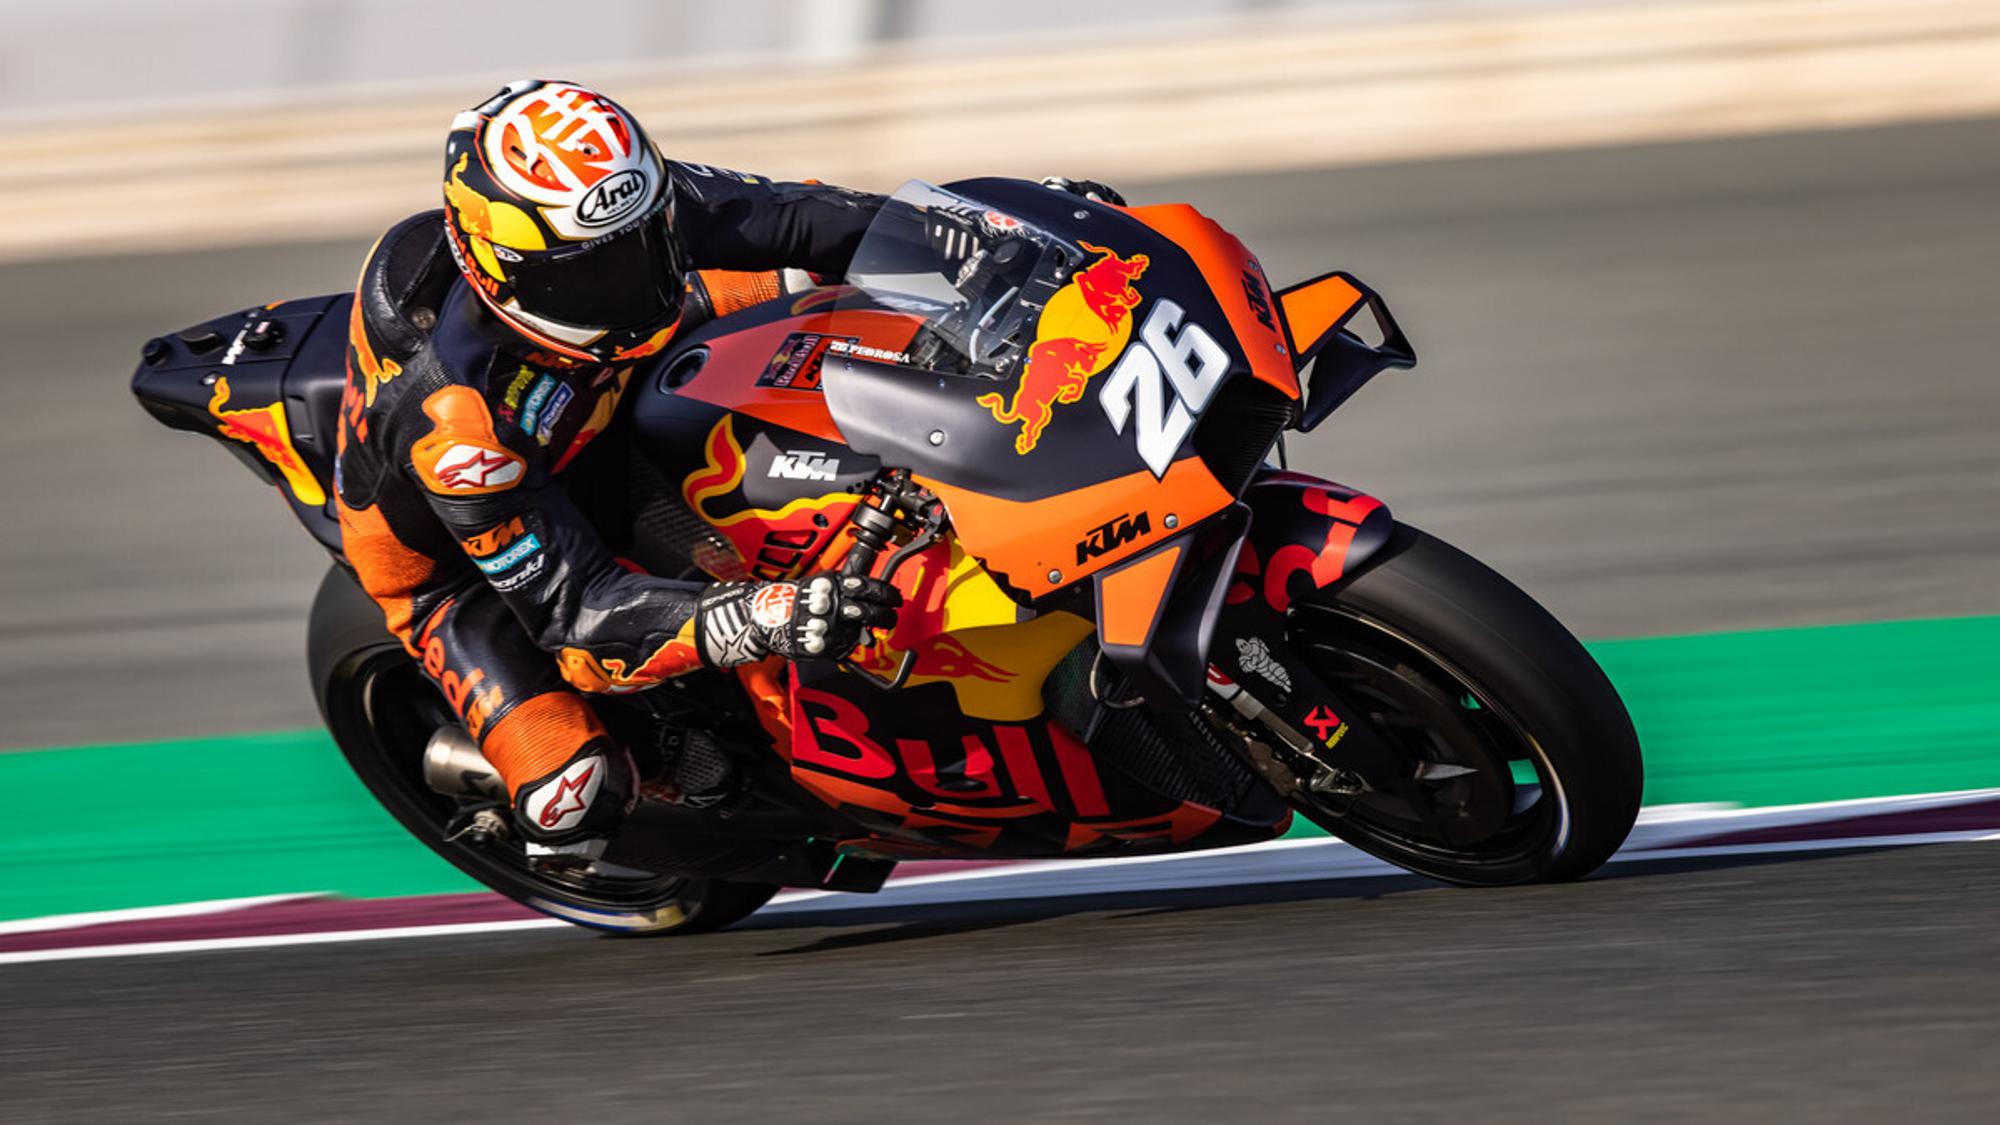 ▲ 傳奇重磅出場!Red Bull KTM 測試車手 Dani Pedrosa 8 月外卡參賽 MotoGP JK